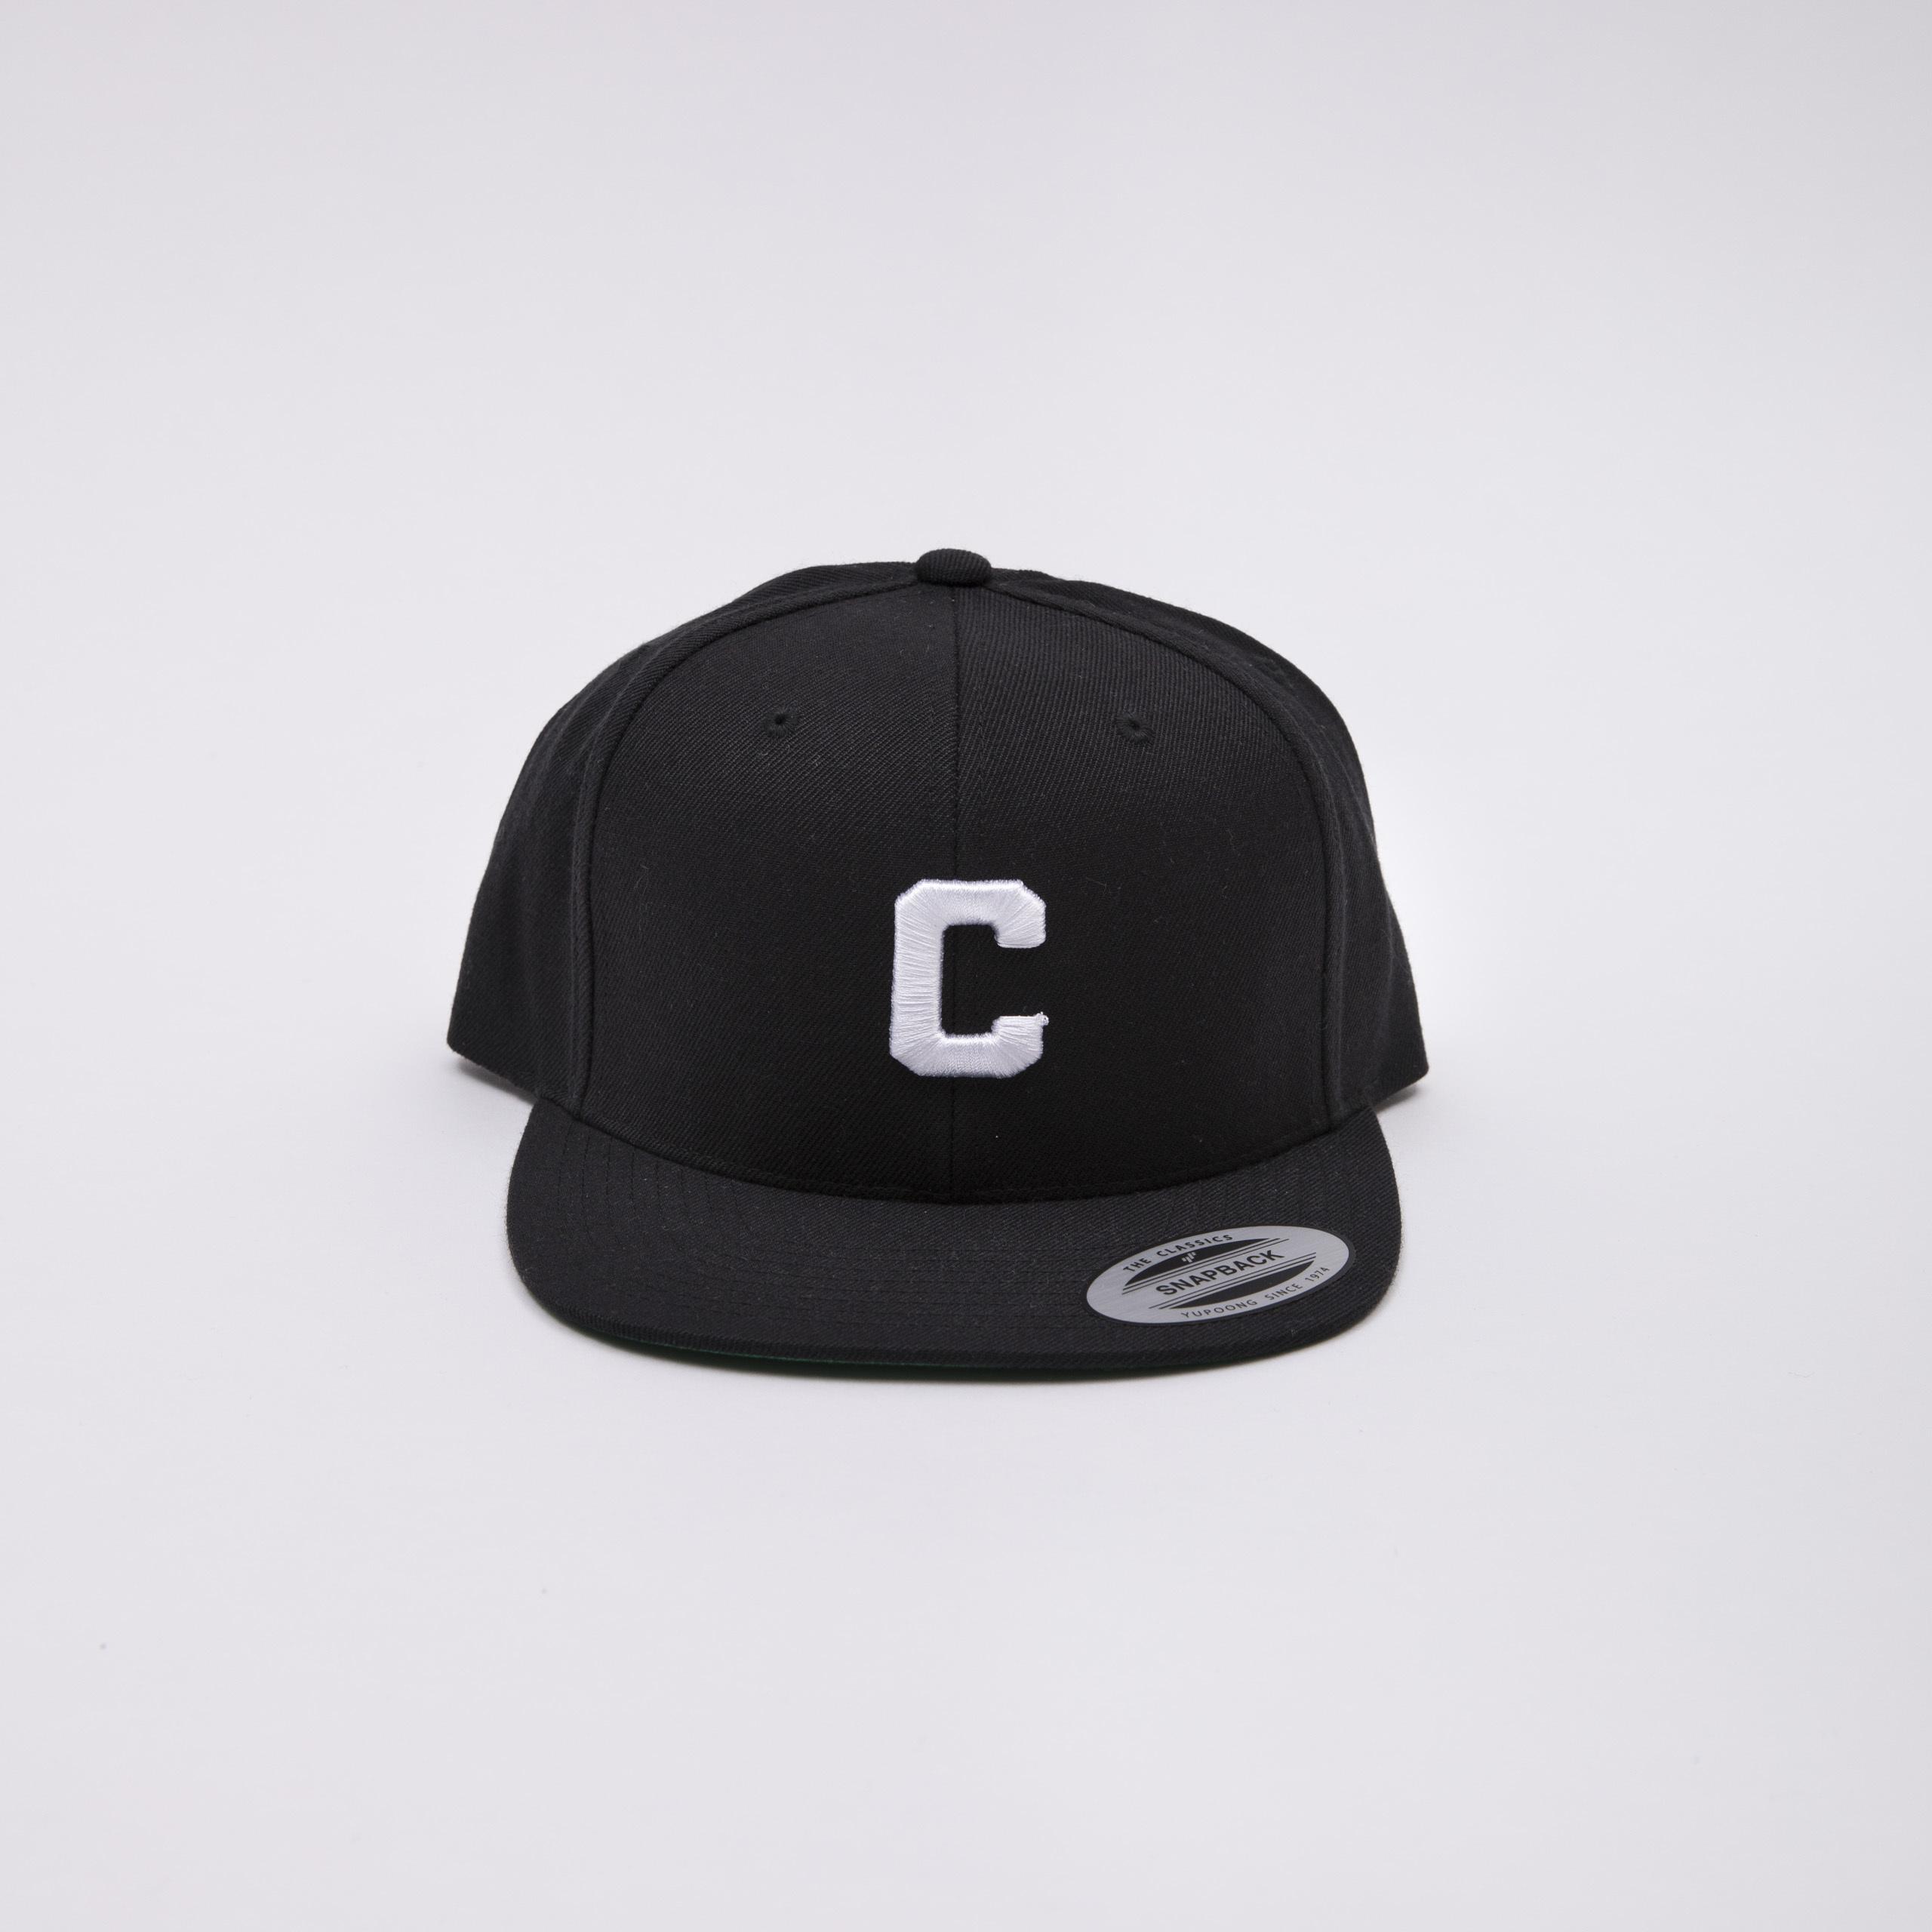 Crate Snap Back Cap Black